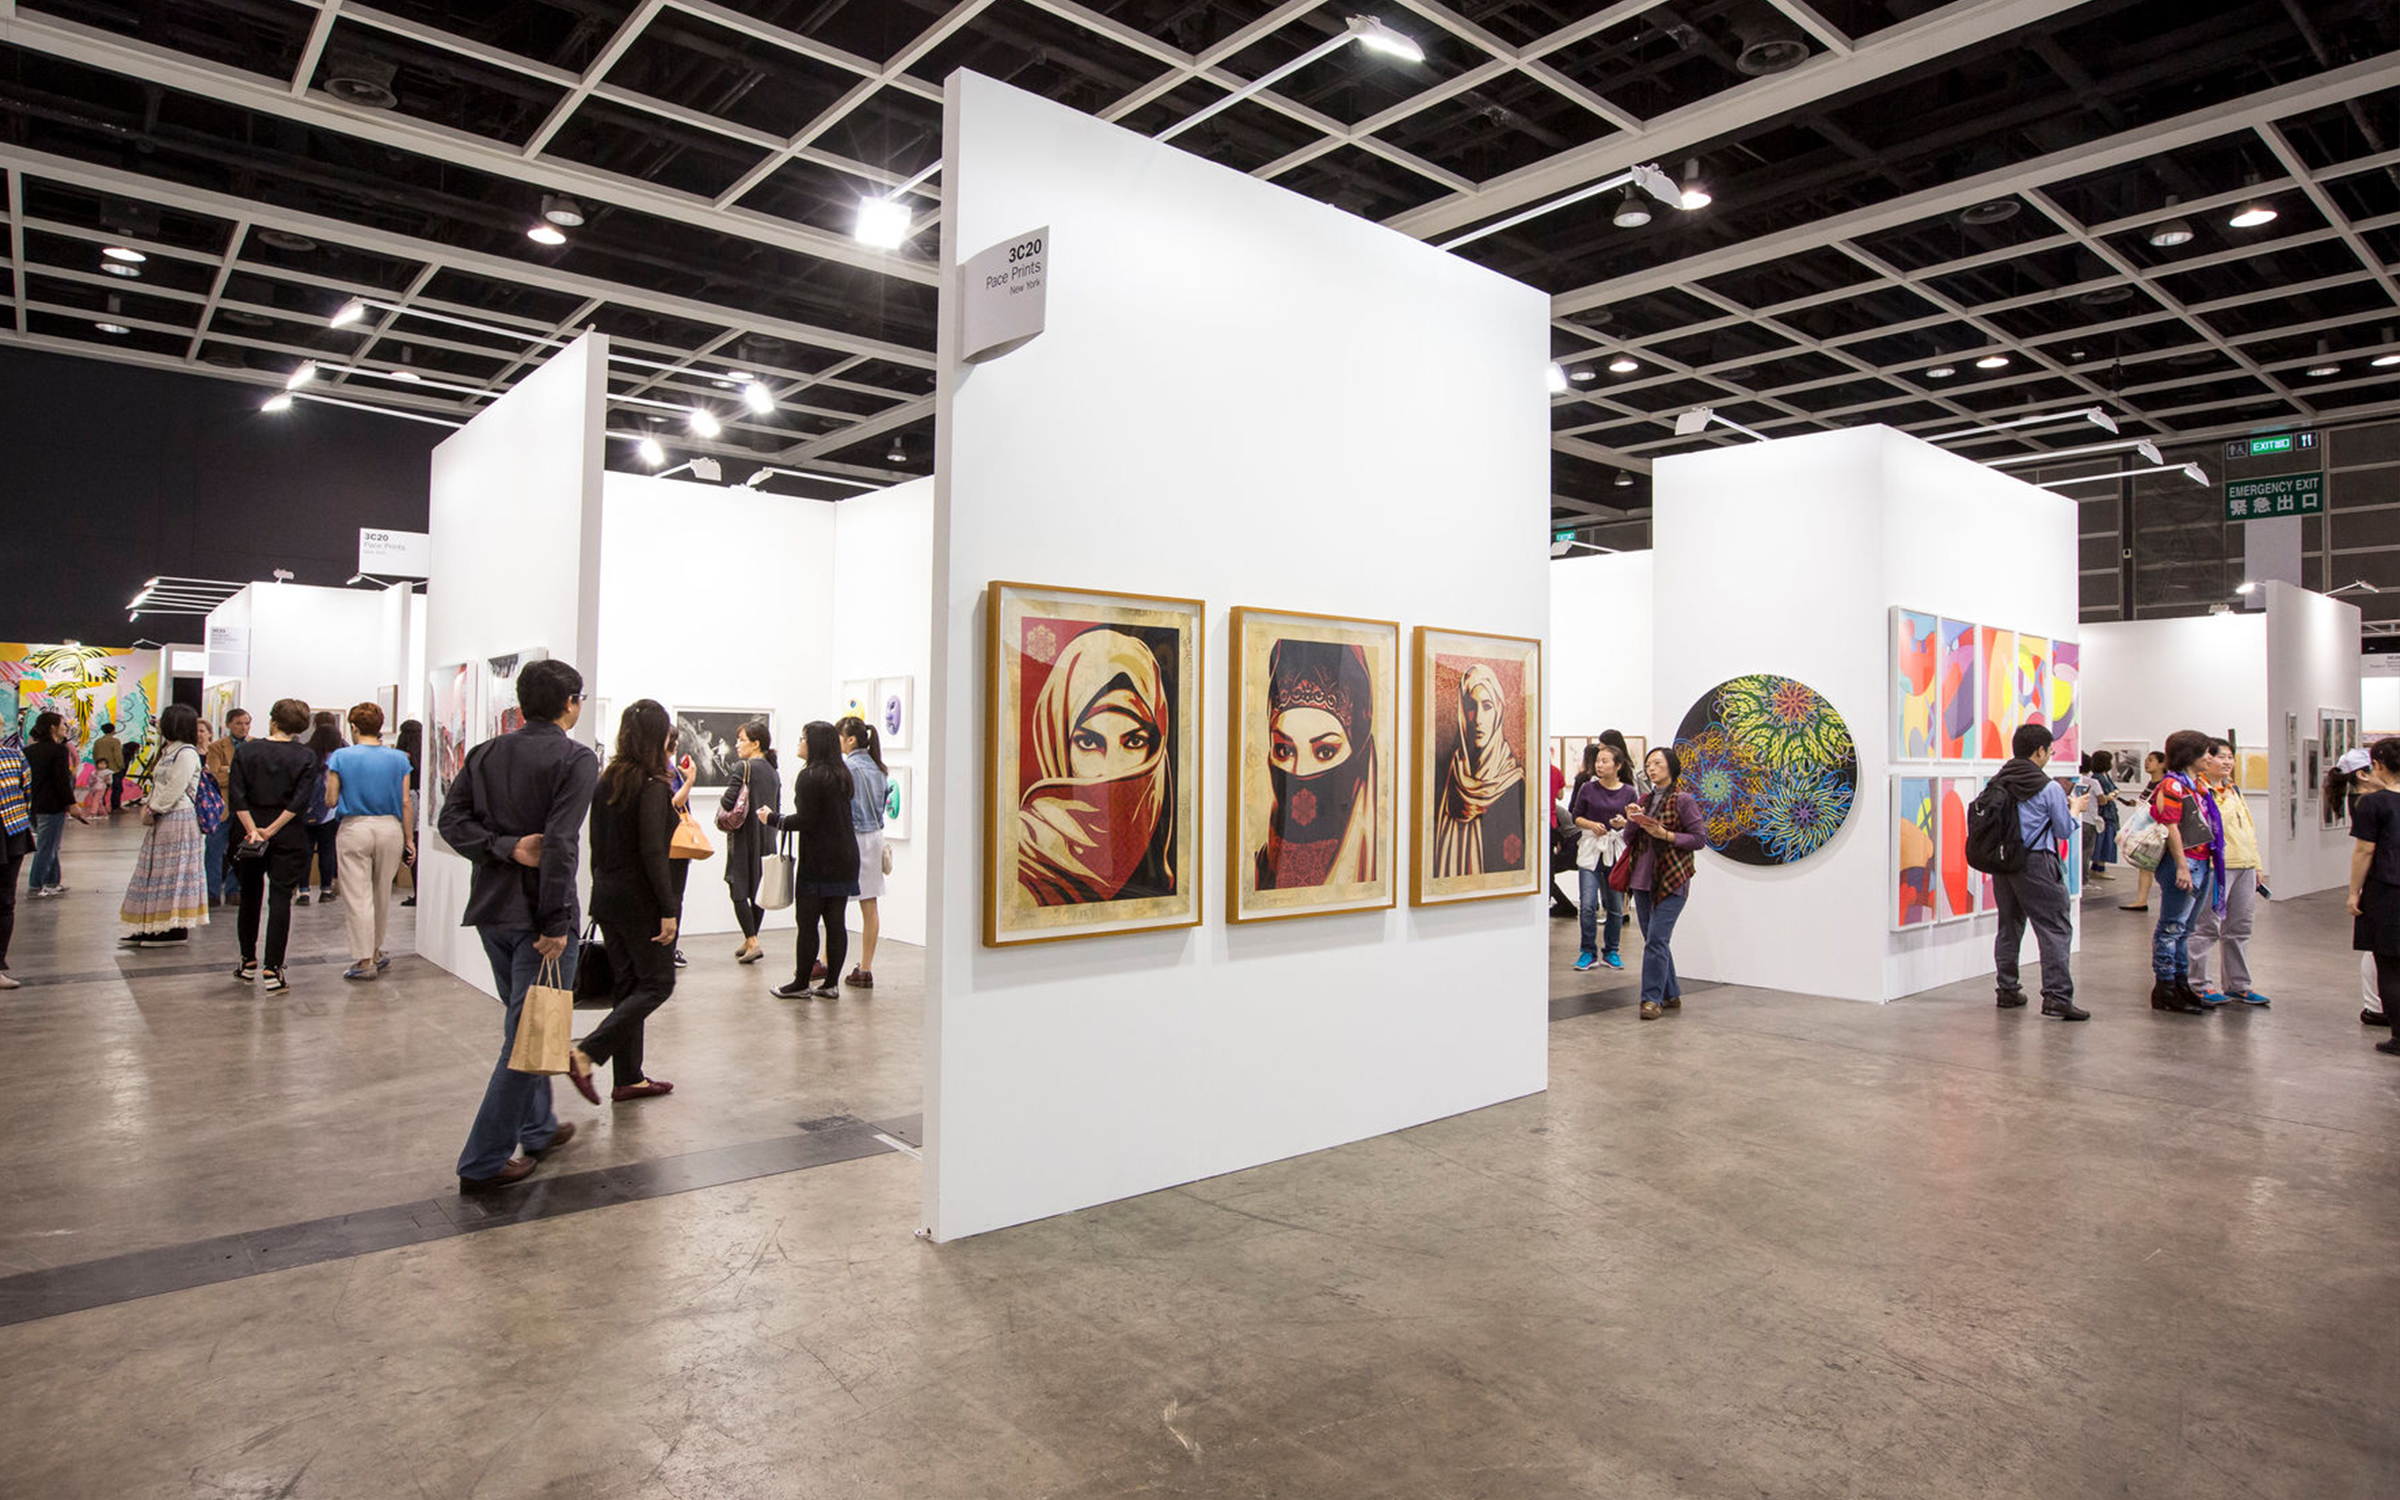 D Exhibition Hk : Art basel